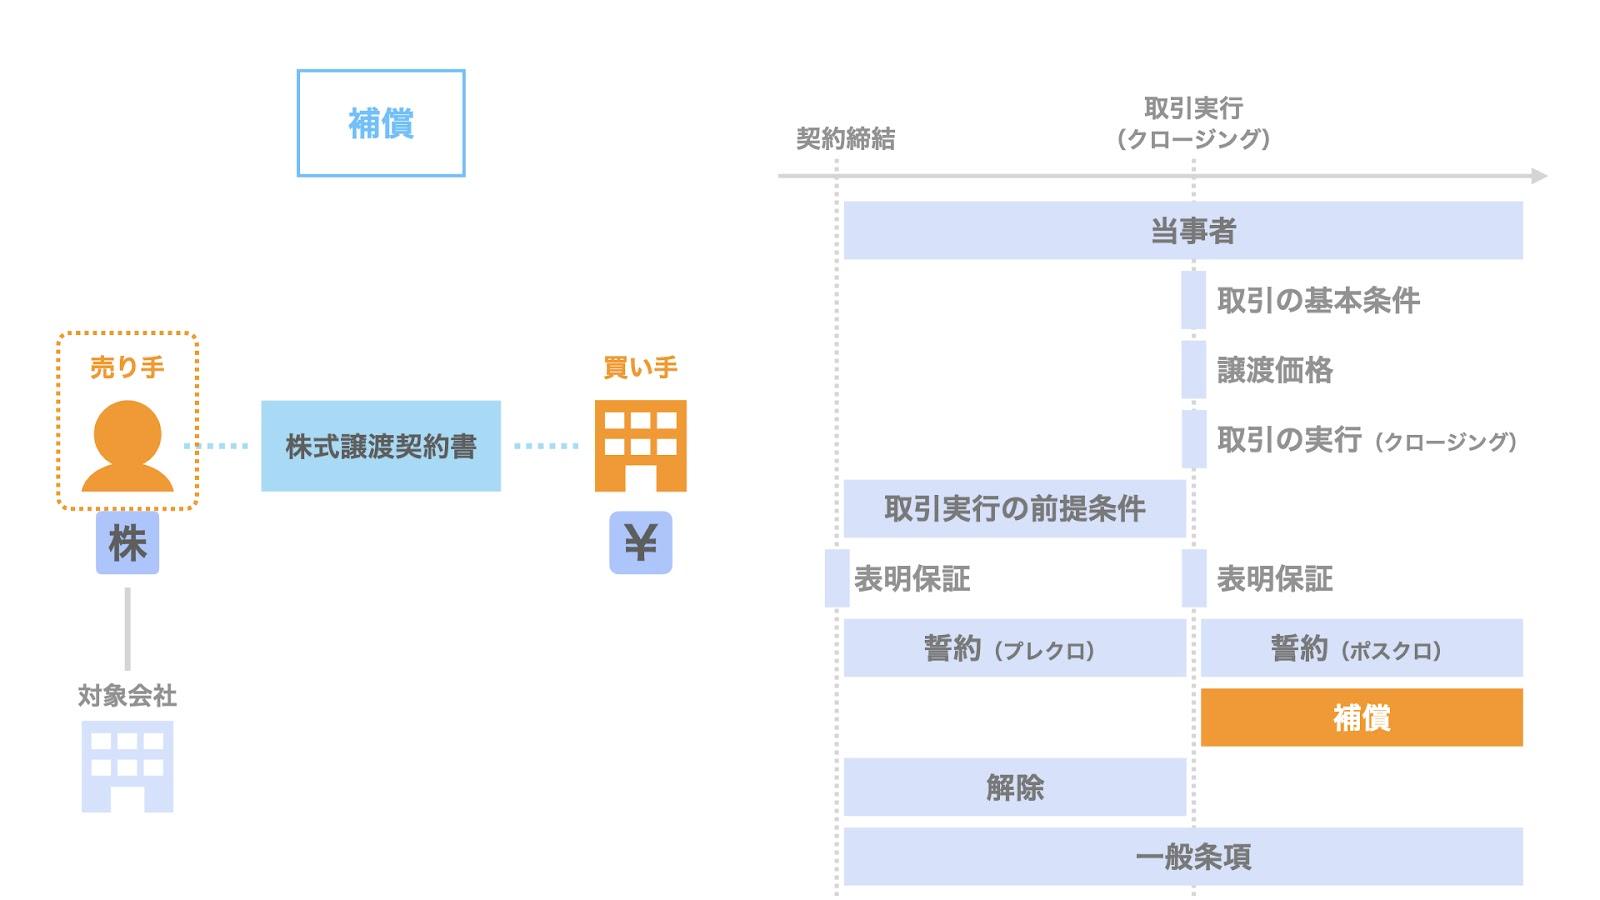 株式譲渡契約における補償